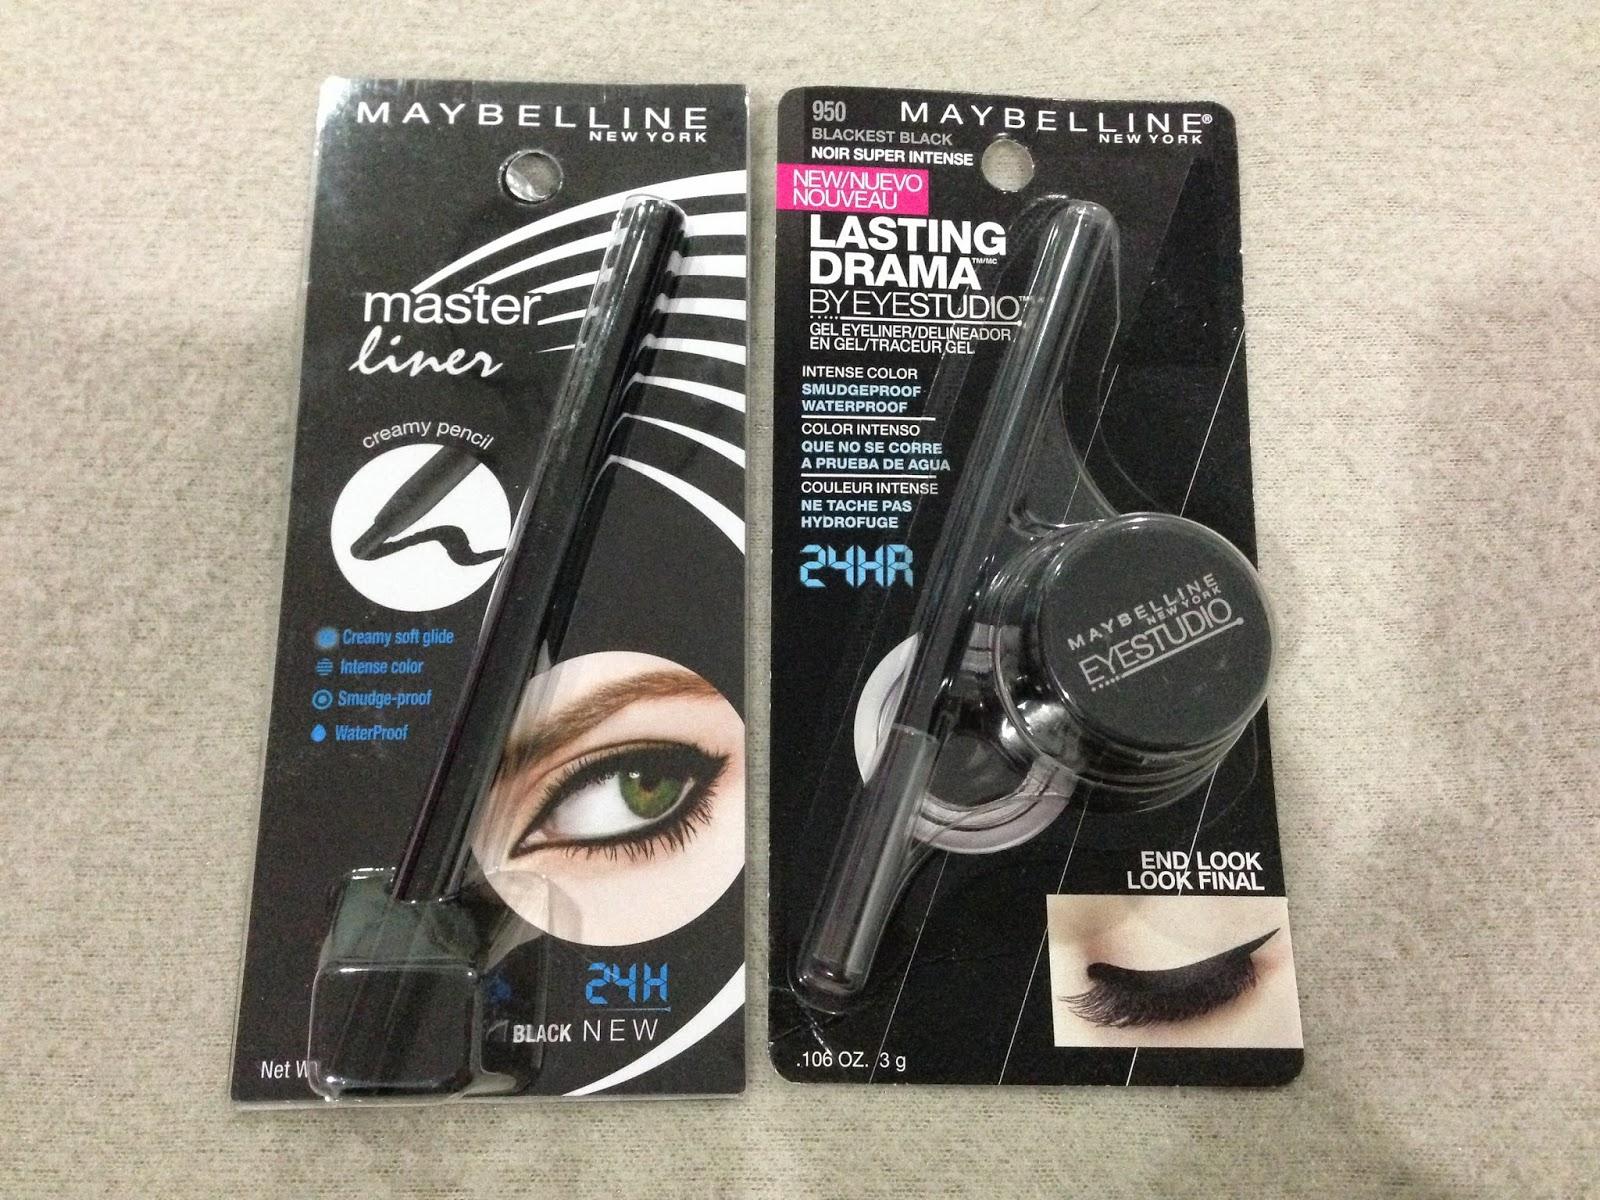 Maybelline 'Master liner' and 'Lasting Drama Gel Eyeliner'